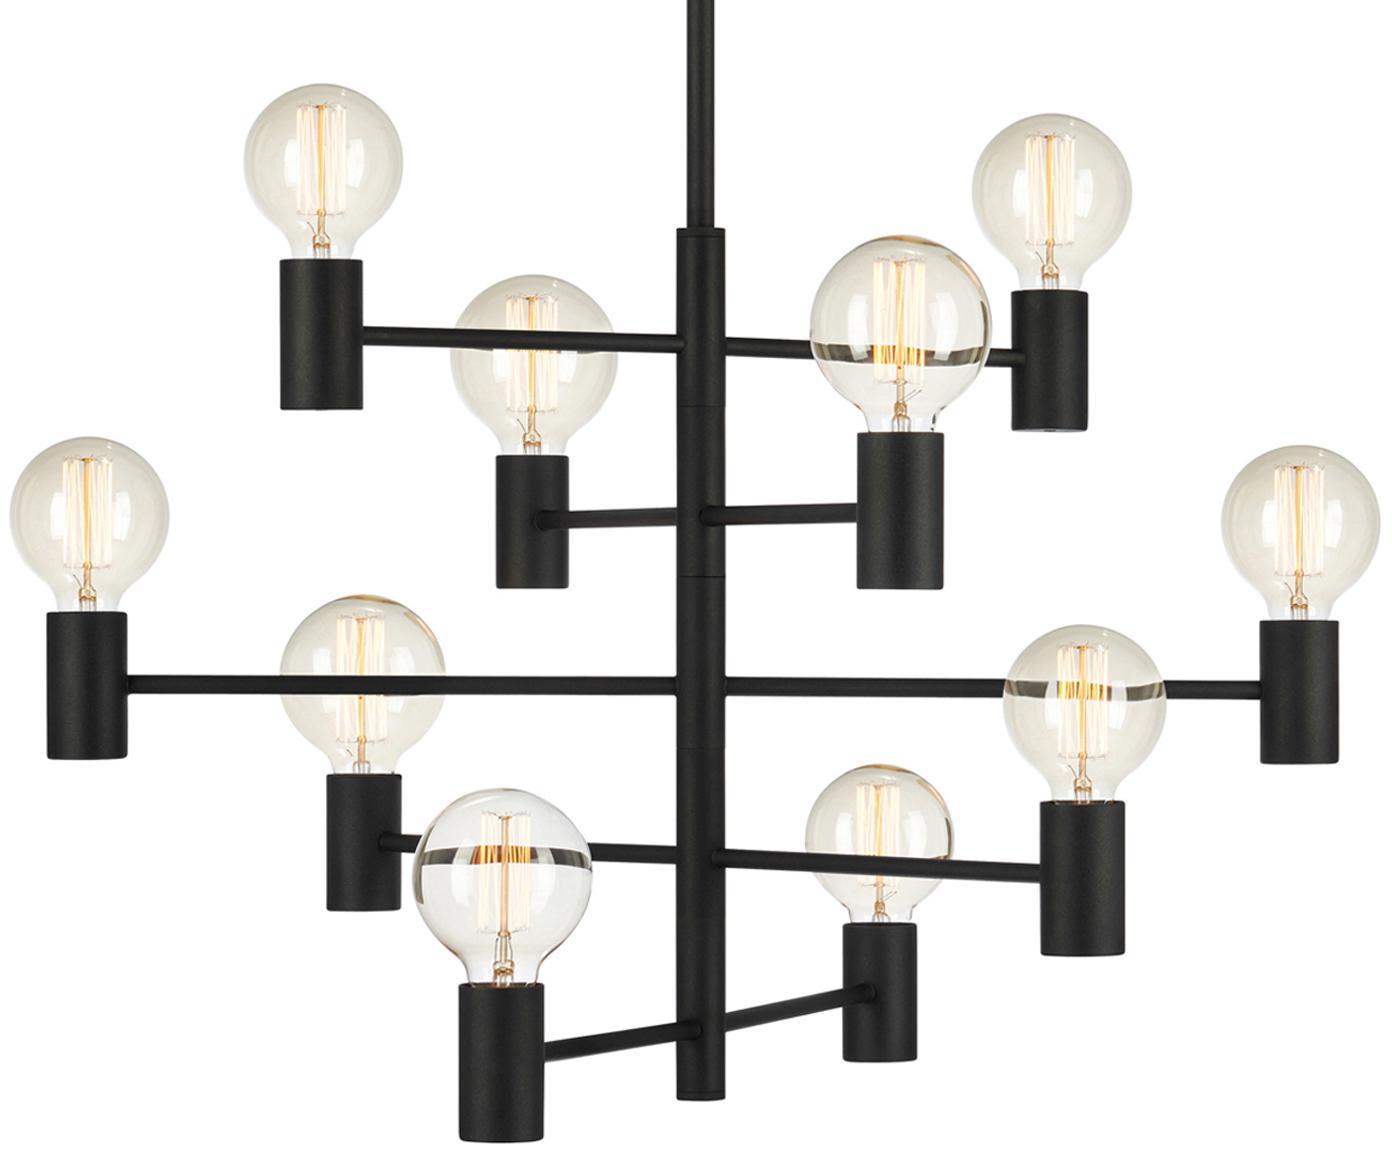 Große Pendelleuchte Paris, verstellbar, Messing, lackiert, Leuchte: SchwarzKabel: Transparent, Ø 80 x H 49 cm